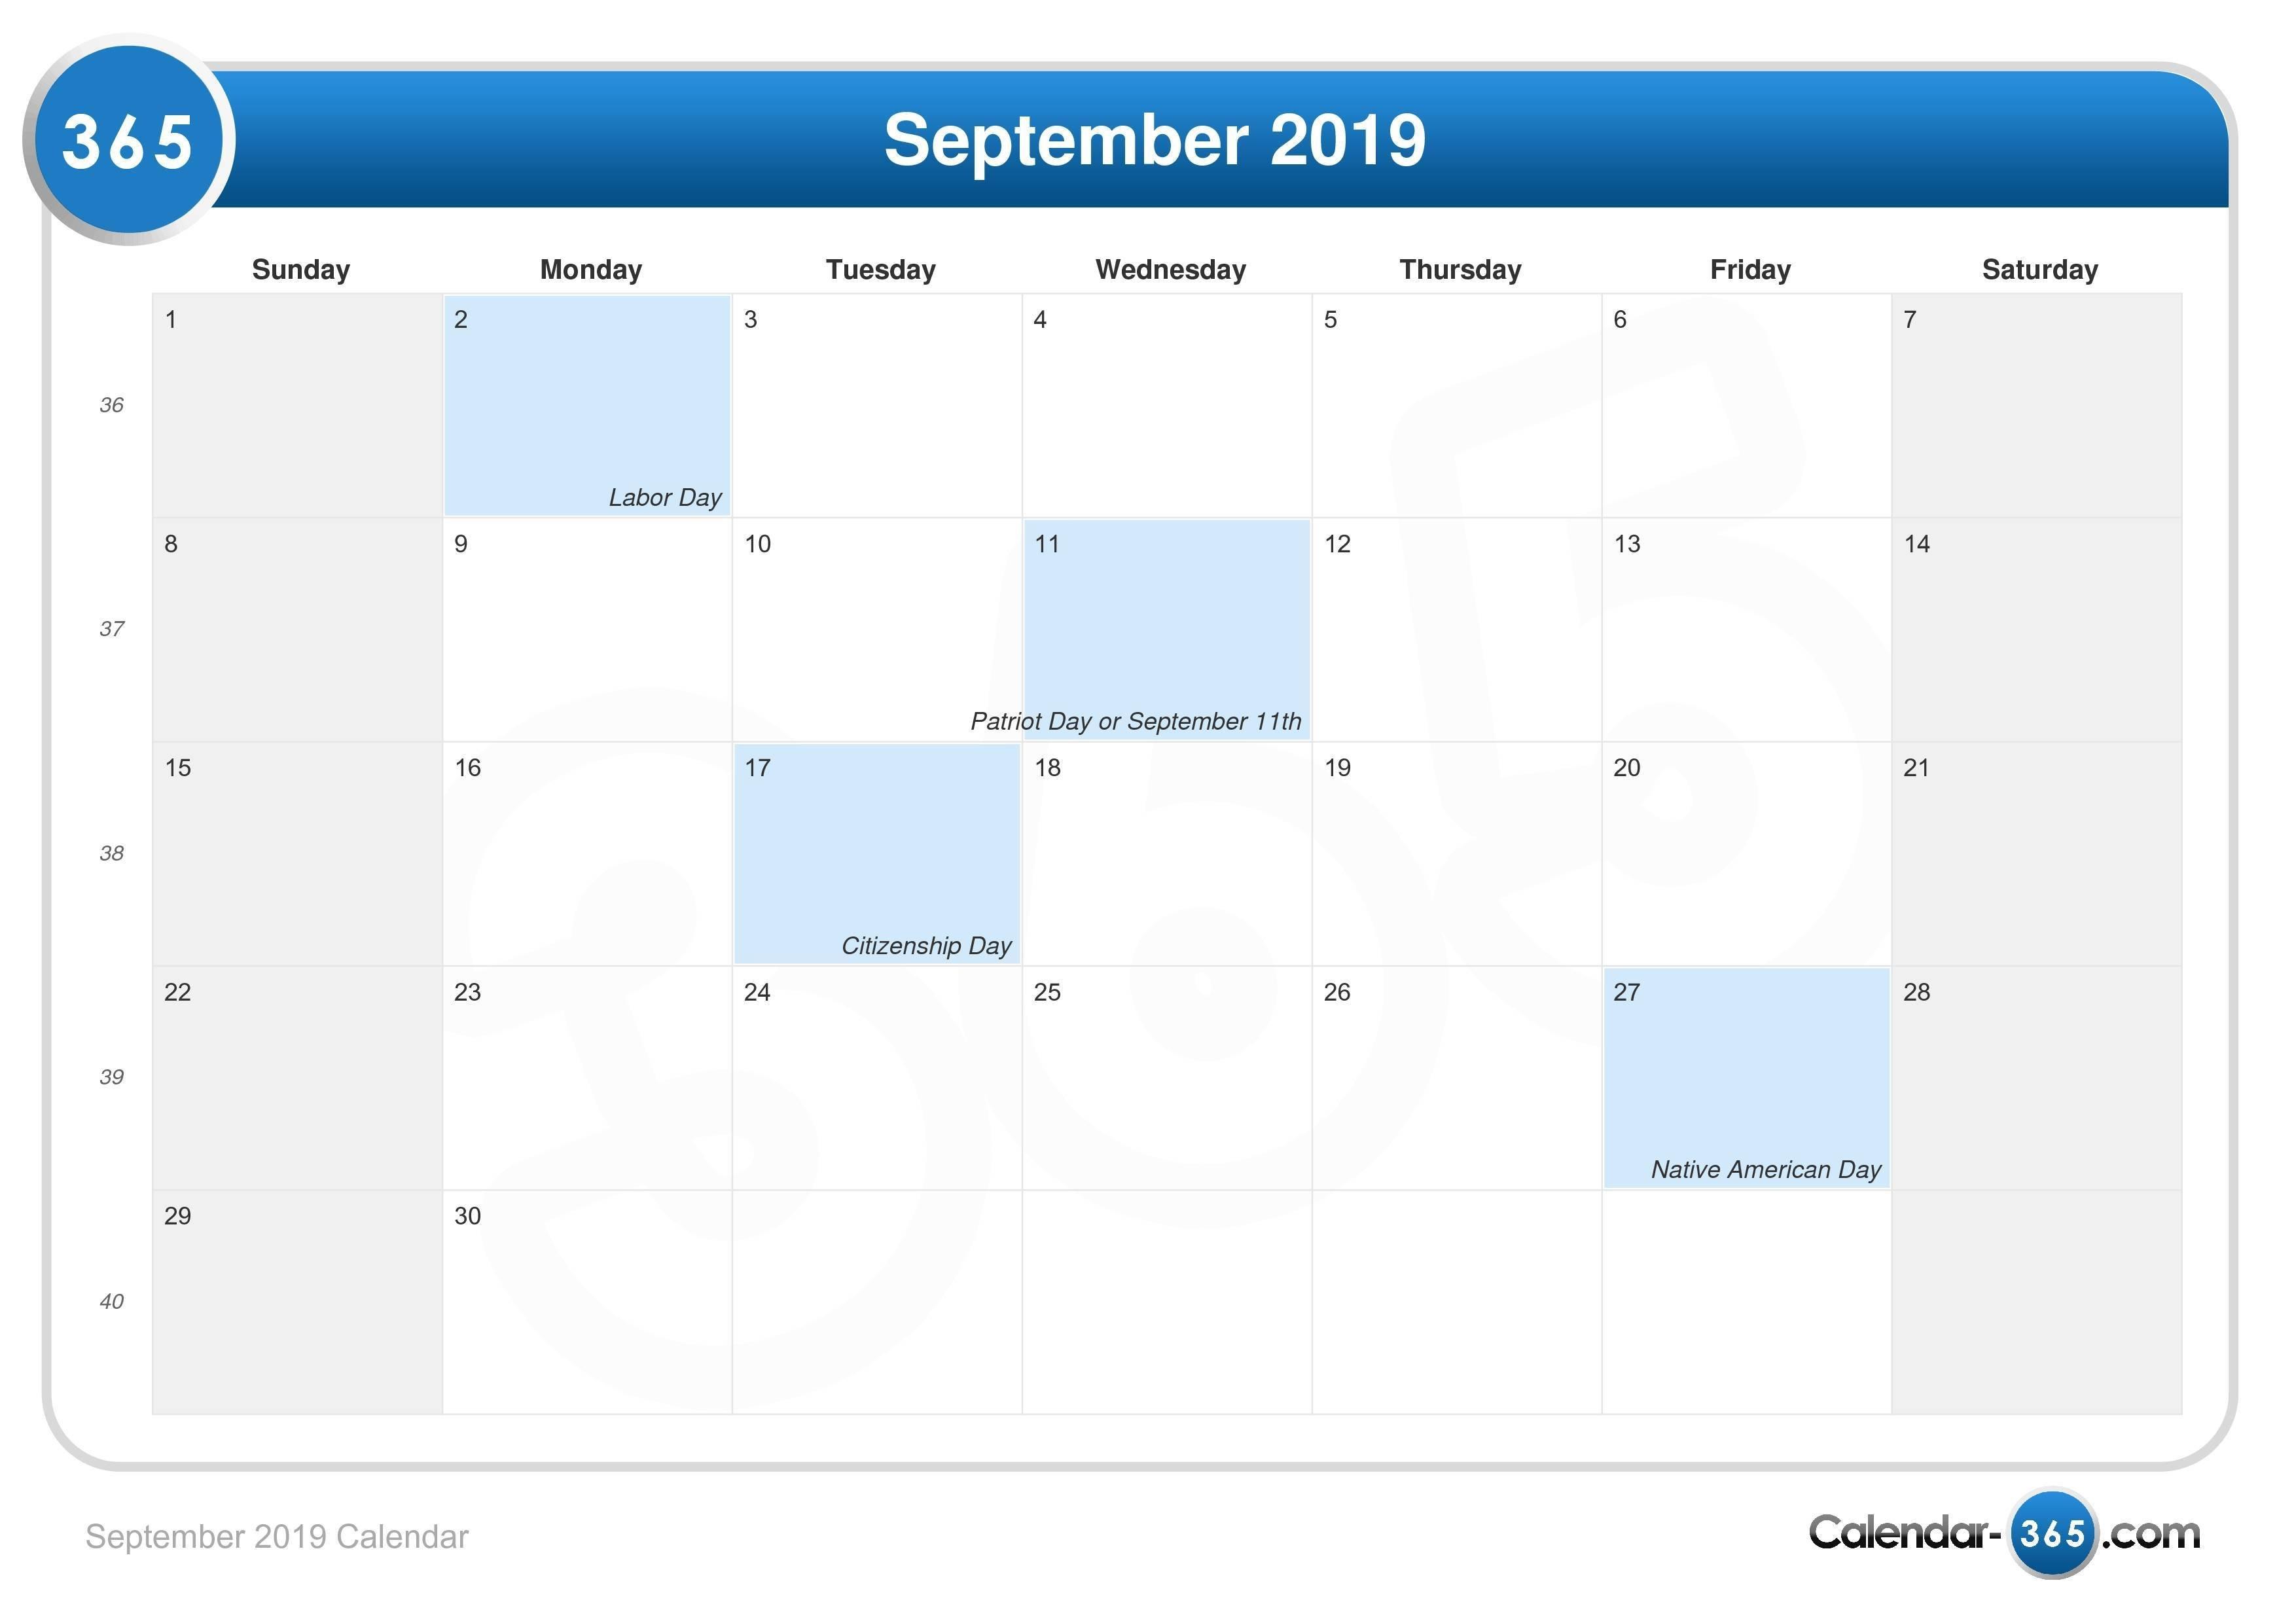 September 2019 Calendar Calendar Of 2019 September